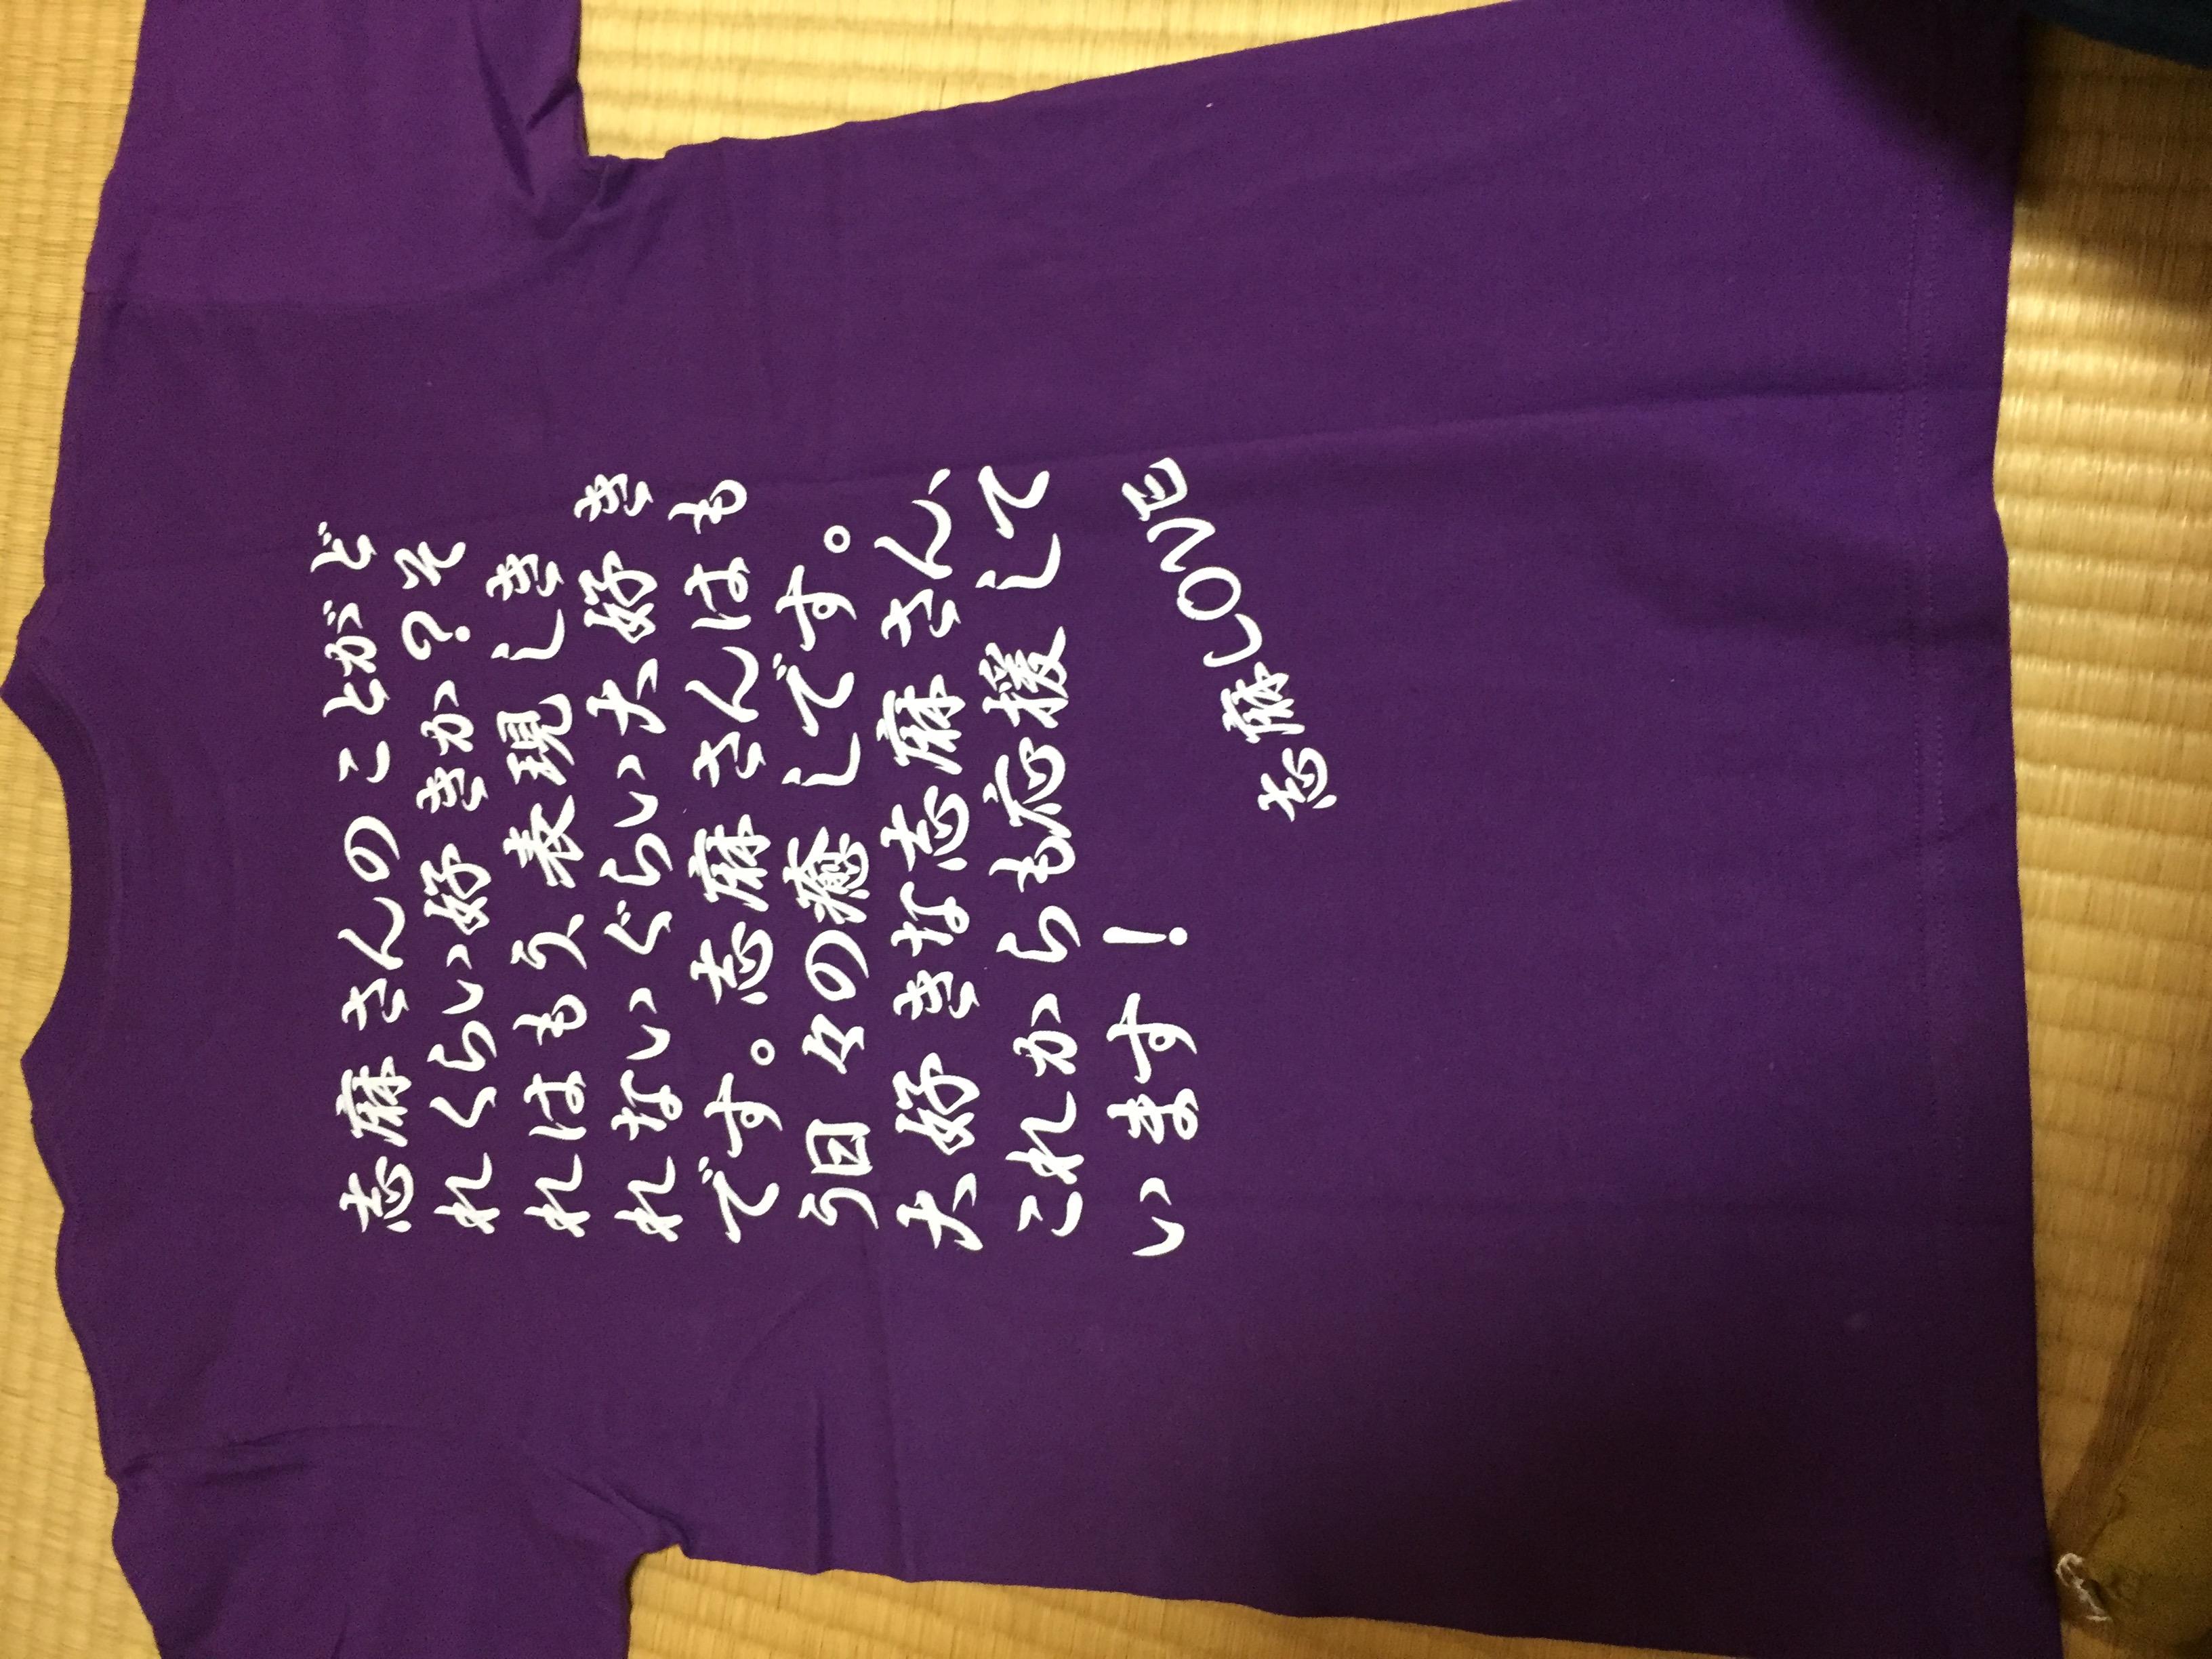 10代・女性・九十九小雨さんのオリジナルプリント作成事例丨オリジナルTシャツTMIX